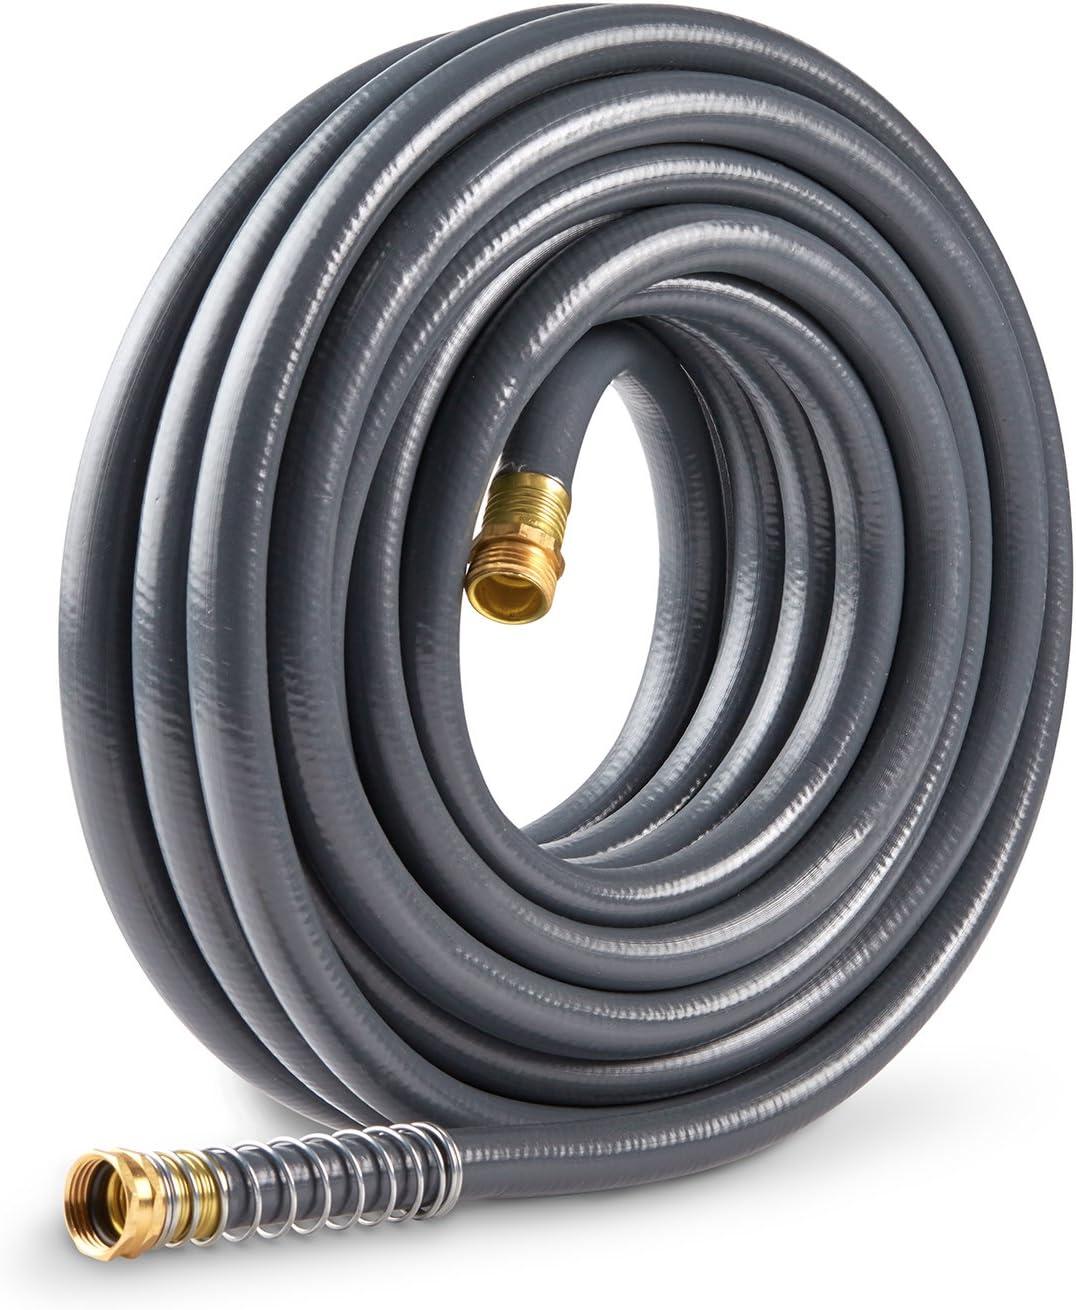 B00002N674 Gilmour 874501-1001 Flexogen Super Duty Garden Hose Gray 5/8 inch x 50 feet, Gray 71qefiZIoDL